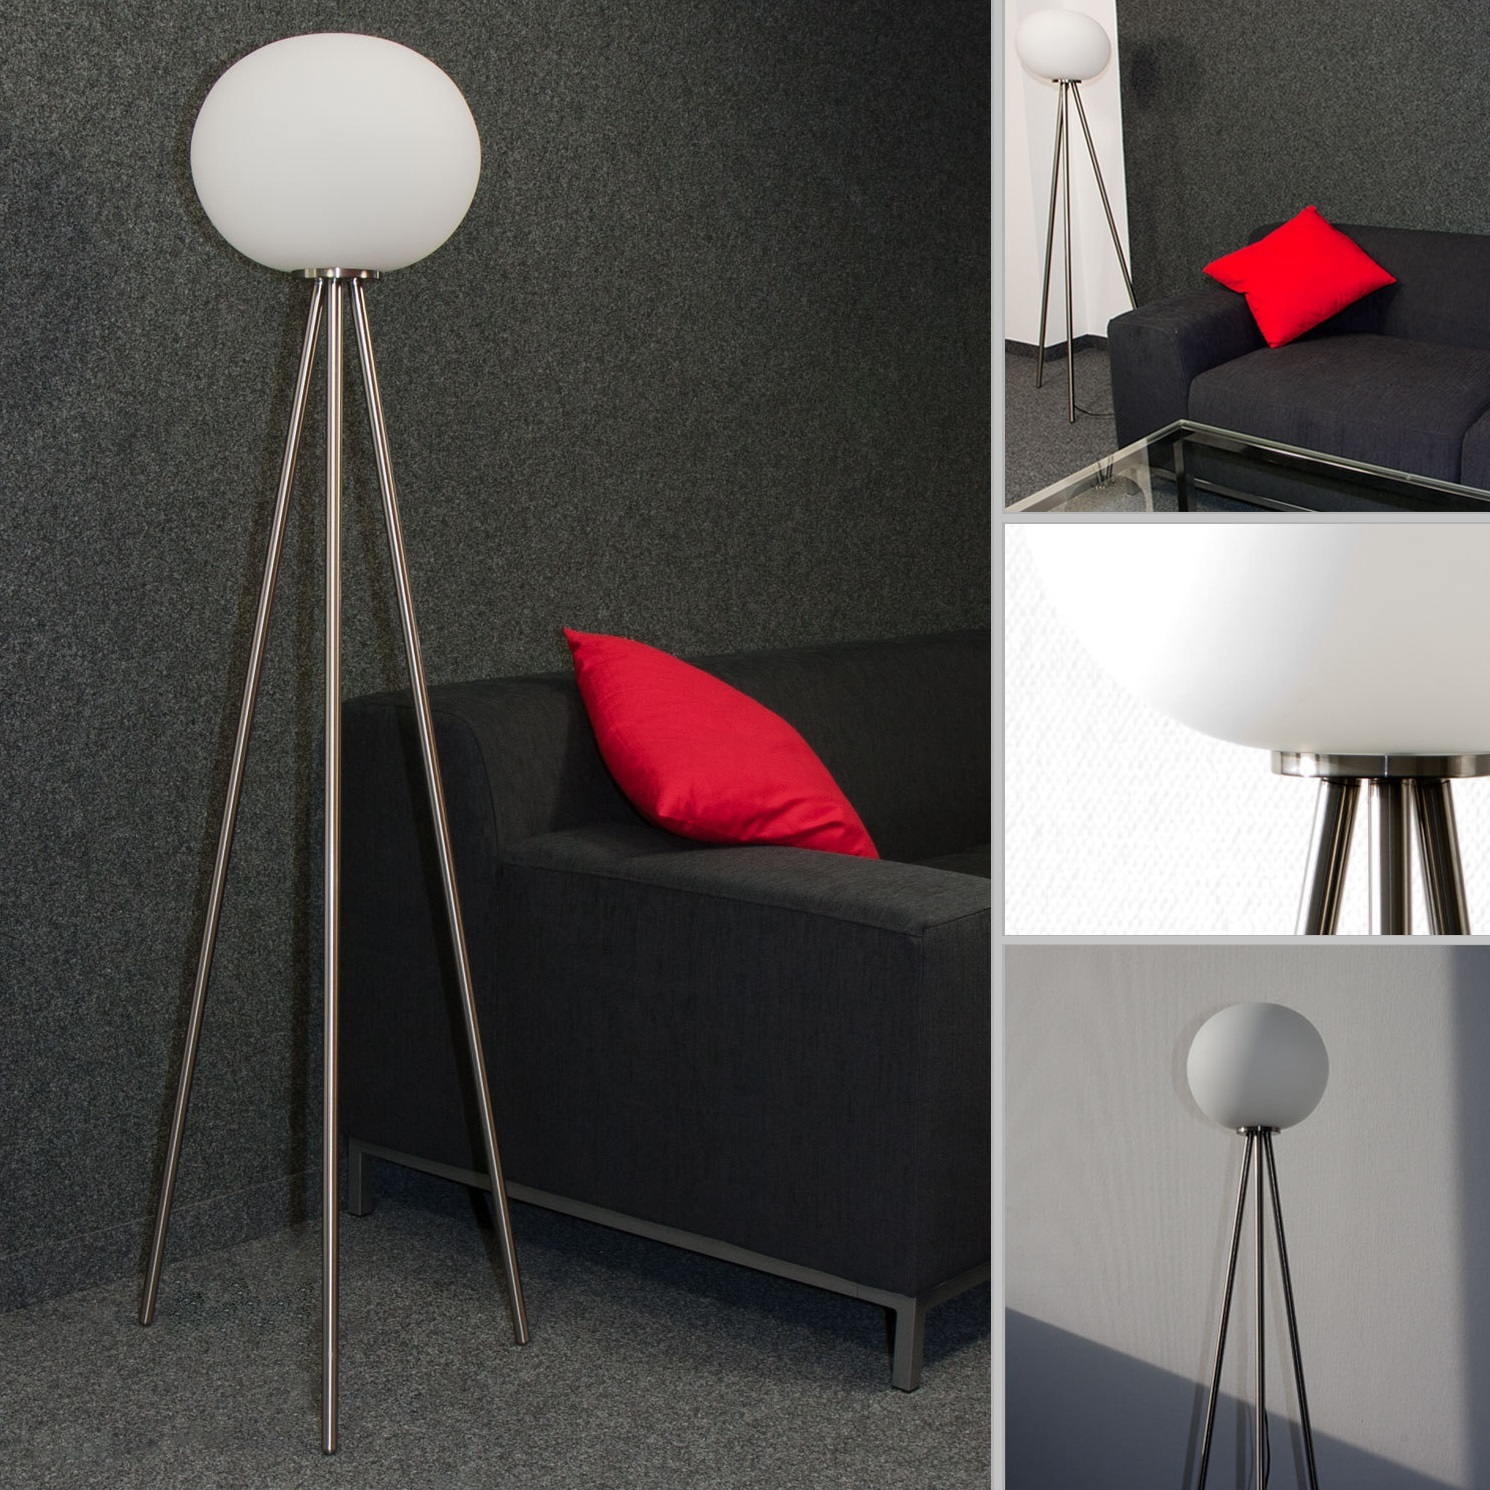 neg stehleuchte fondo palloni lampe stehlampe standleuchte licht glas kugel wei ebay. Black Bedroom Furniture Sets. Home Design Ideas